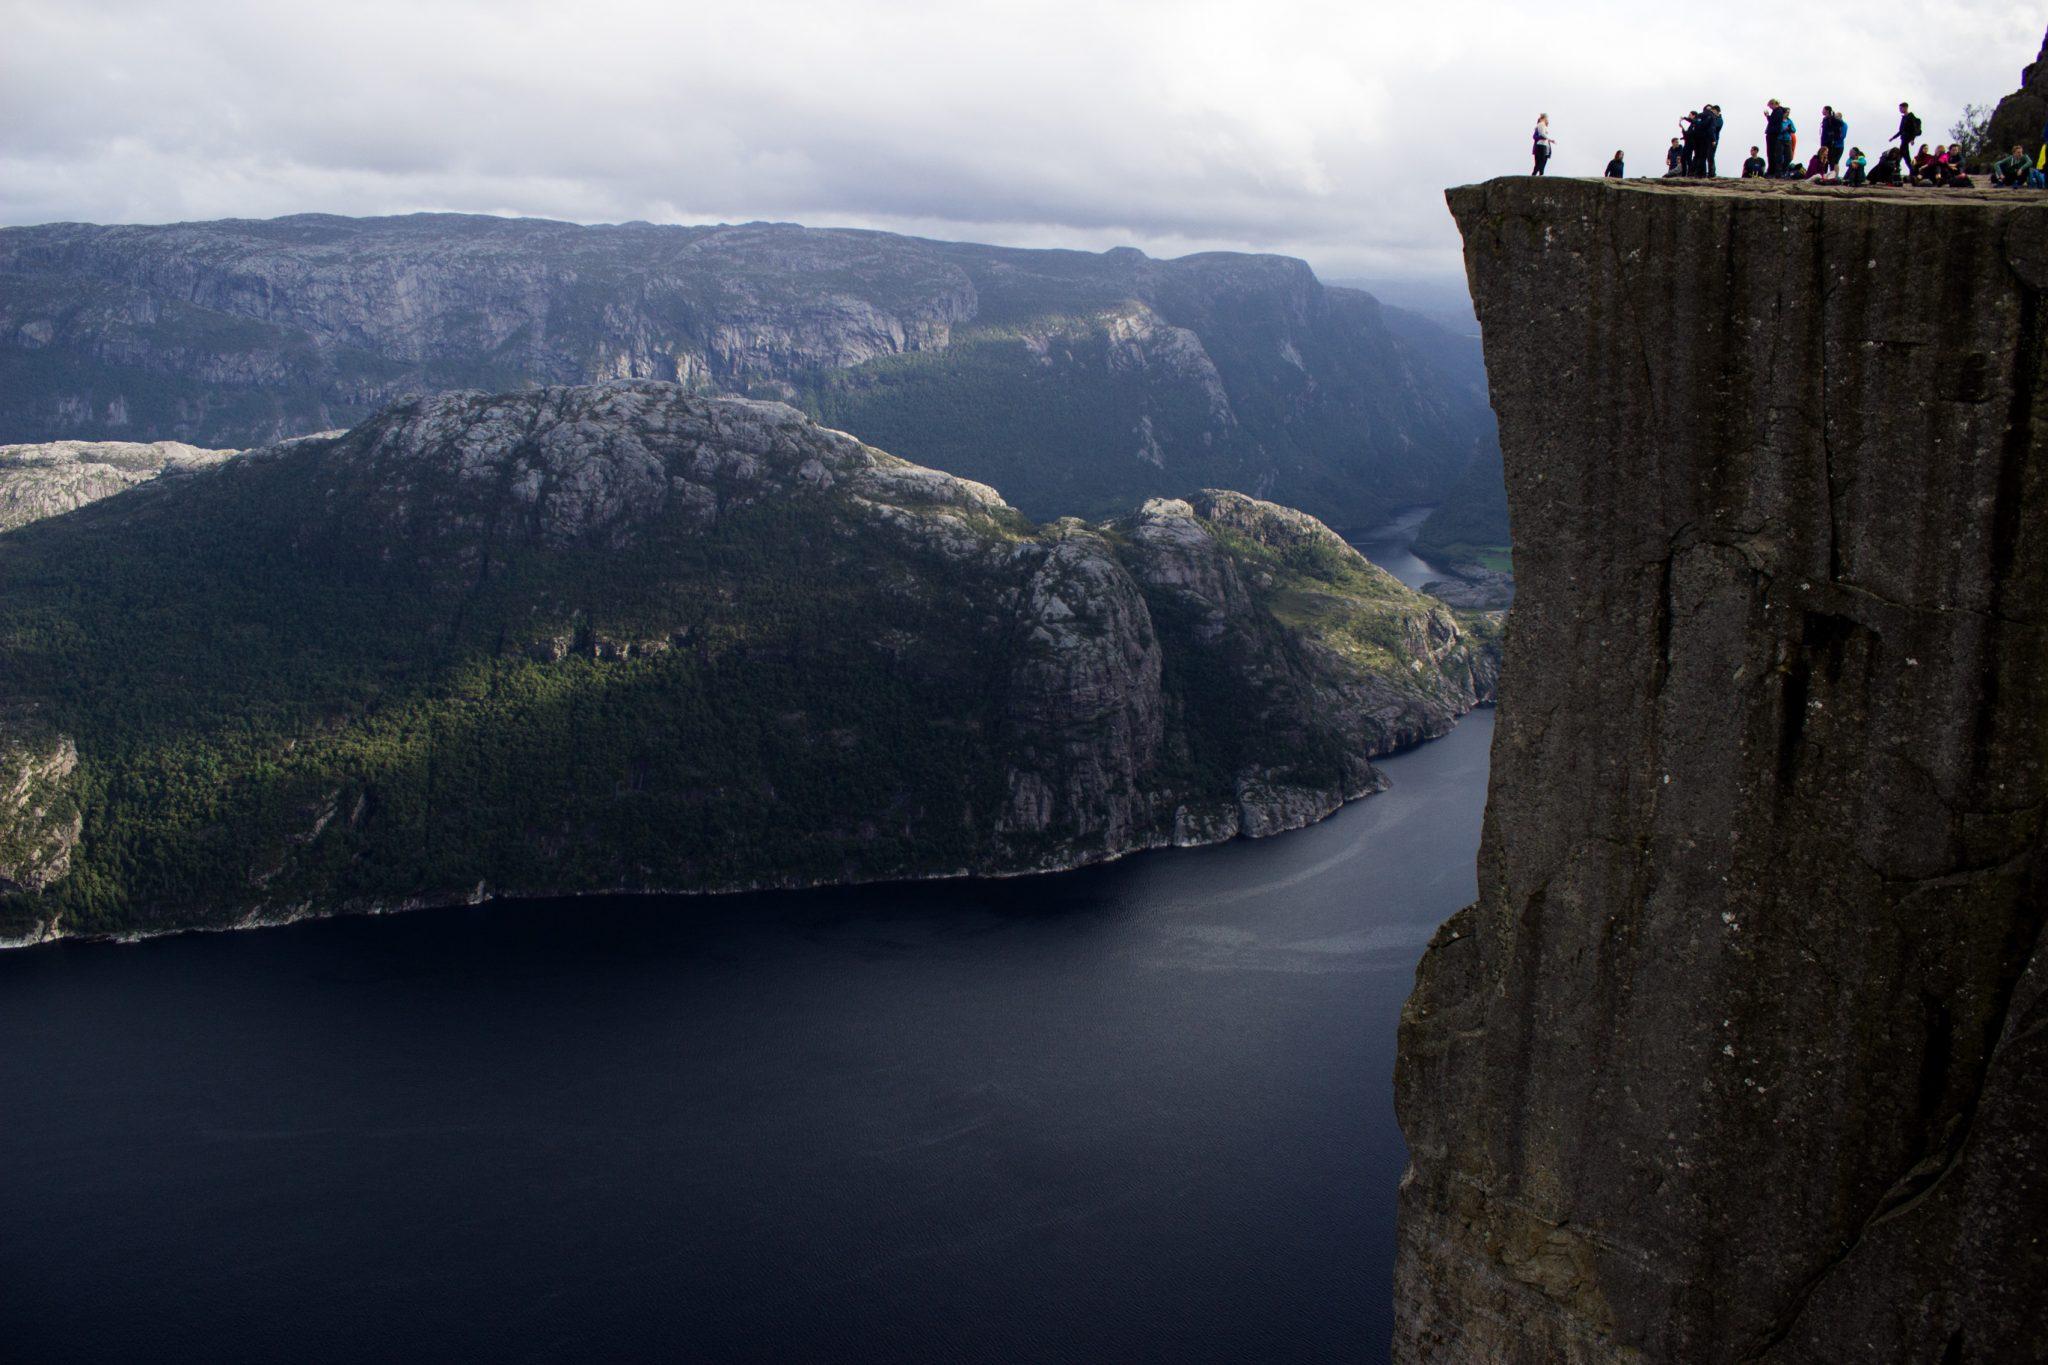 Wanderung zum Pulpit Rock Preikestolen, berühmtester Felsen in Norwegen, Blick auf Pulpit Rock, riesige steile Felswand mit Wanderern, 600 Meter darunter Lysefjord, traumhafte Landschaft